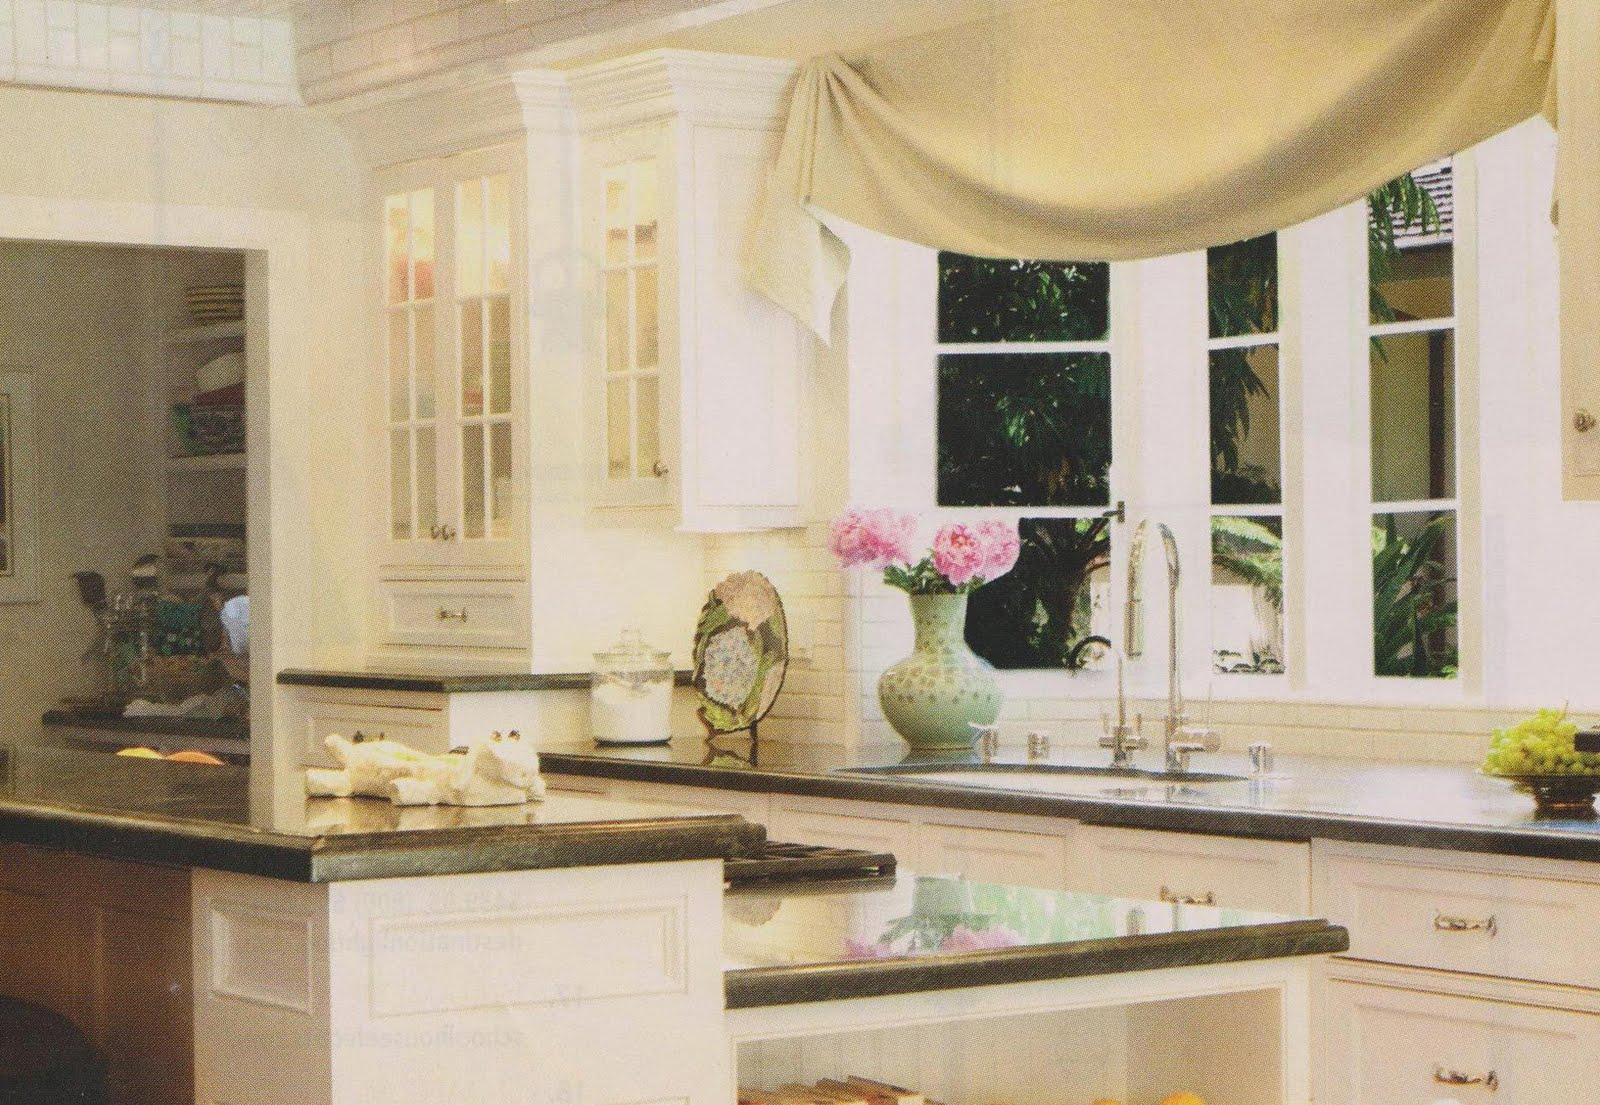 Luxury Bath And Kitchen